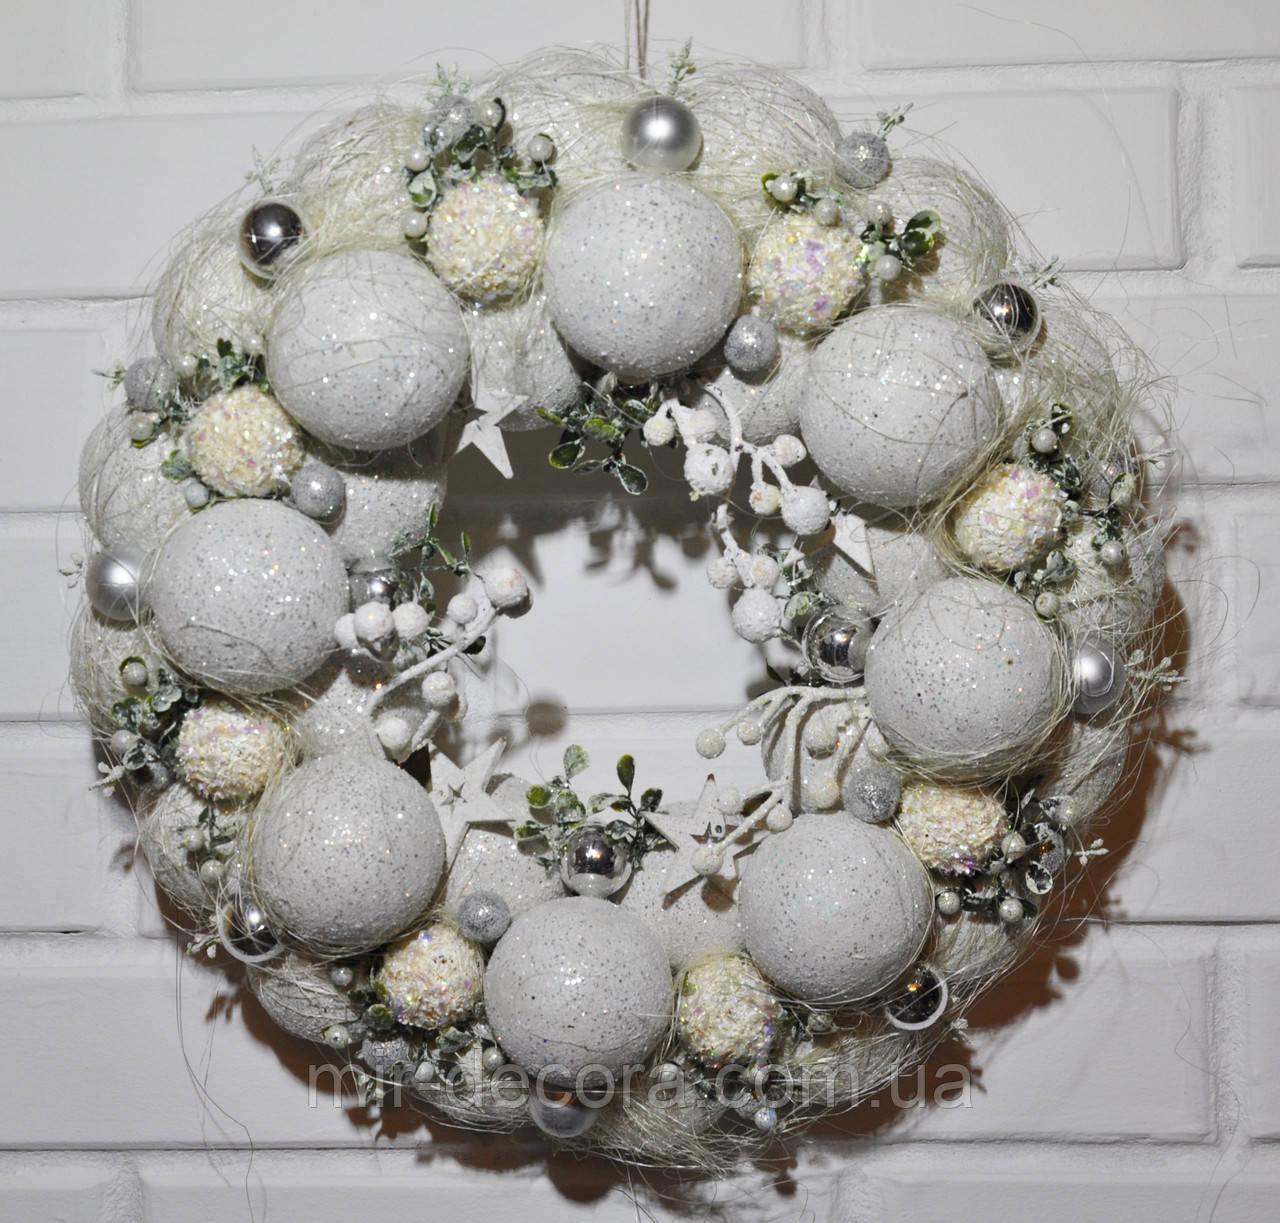 Венок новогодний из шаров. Белый